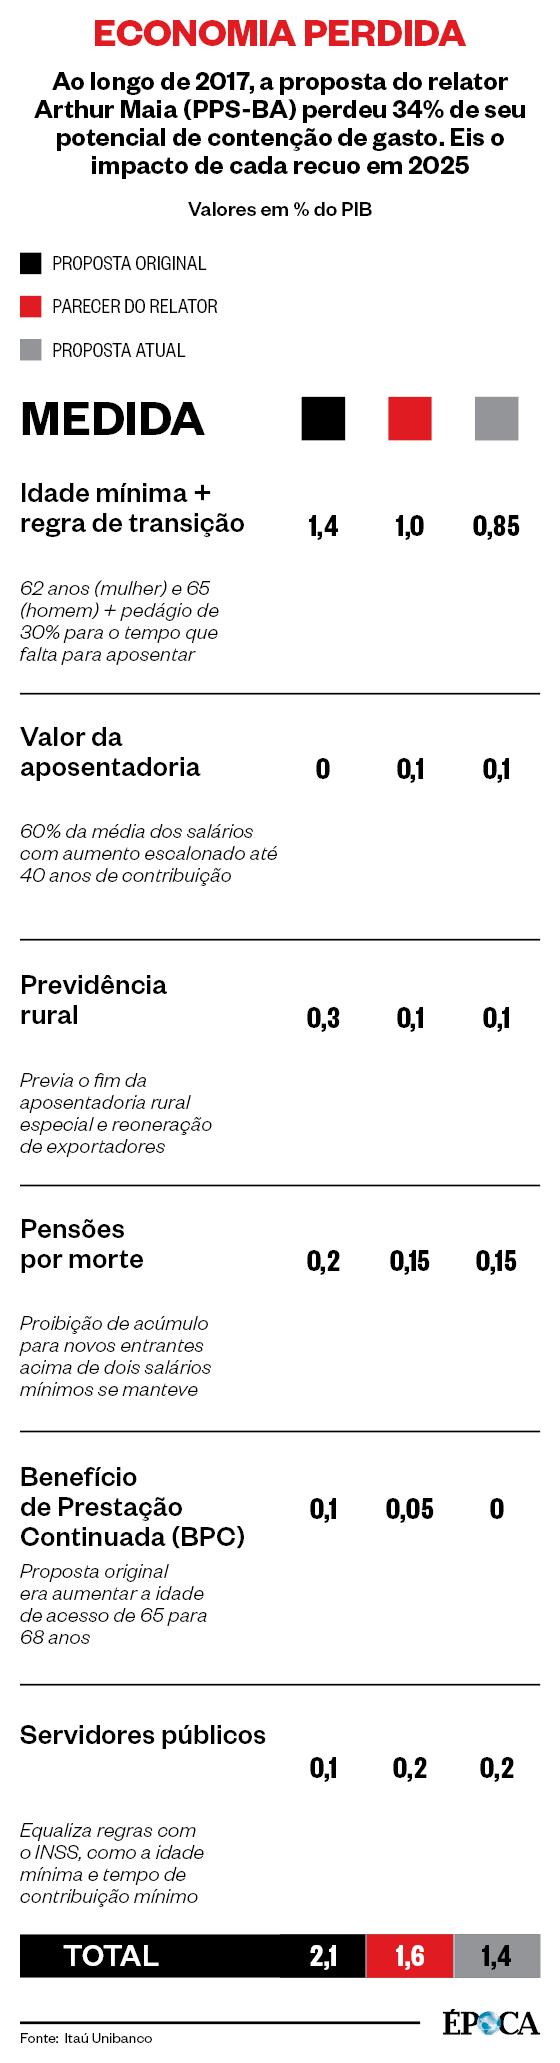 ECONOMIA PERDIDA Ao longo de 2017, a proposta do relator Arthur Maia (PPS-BA) perdeu 34% de seu potencial de contenção de gasto. Eis o impacto de cada recuo em 2025 (Foto: Fonte: Itaú Unibanco)